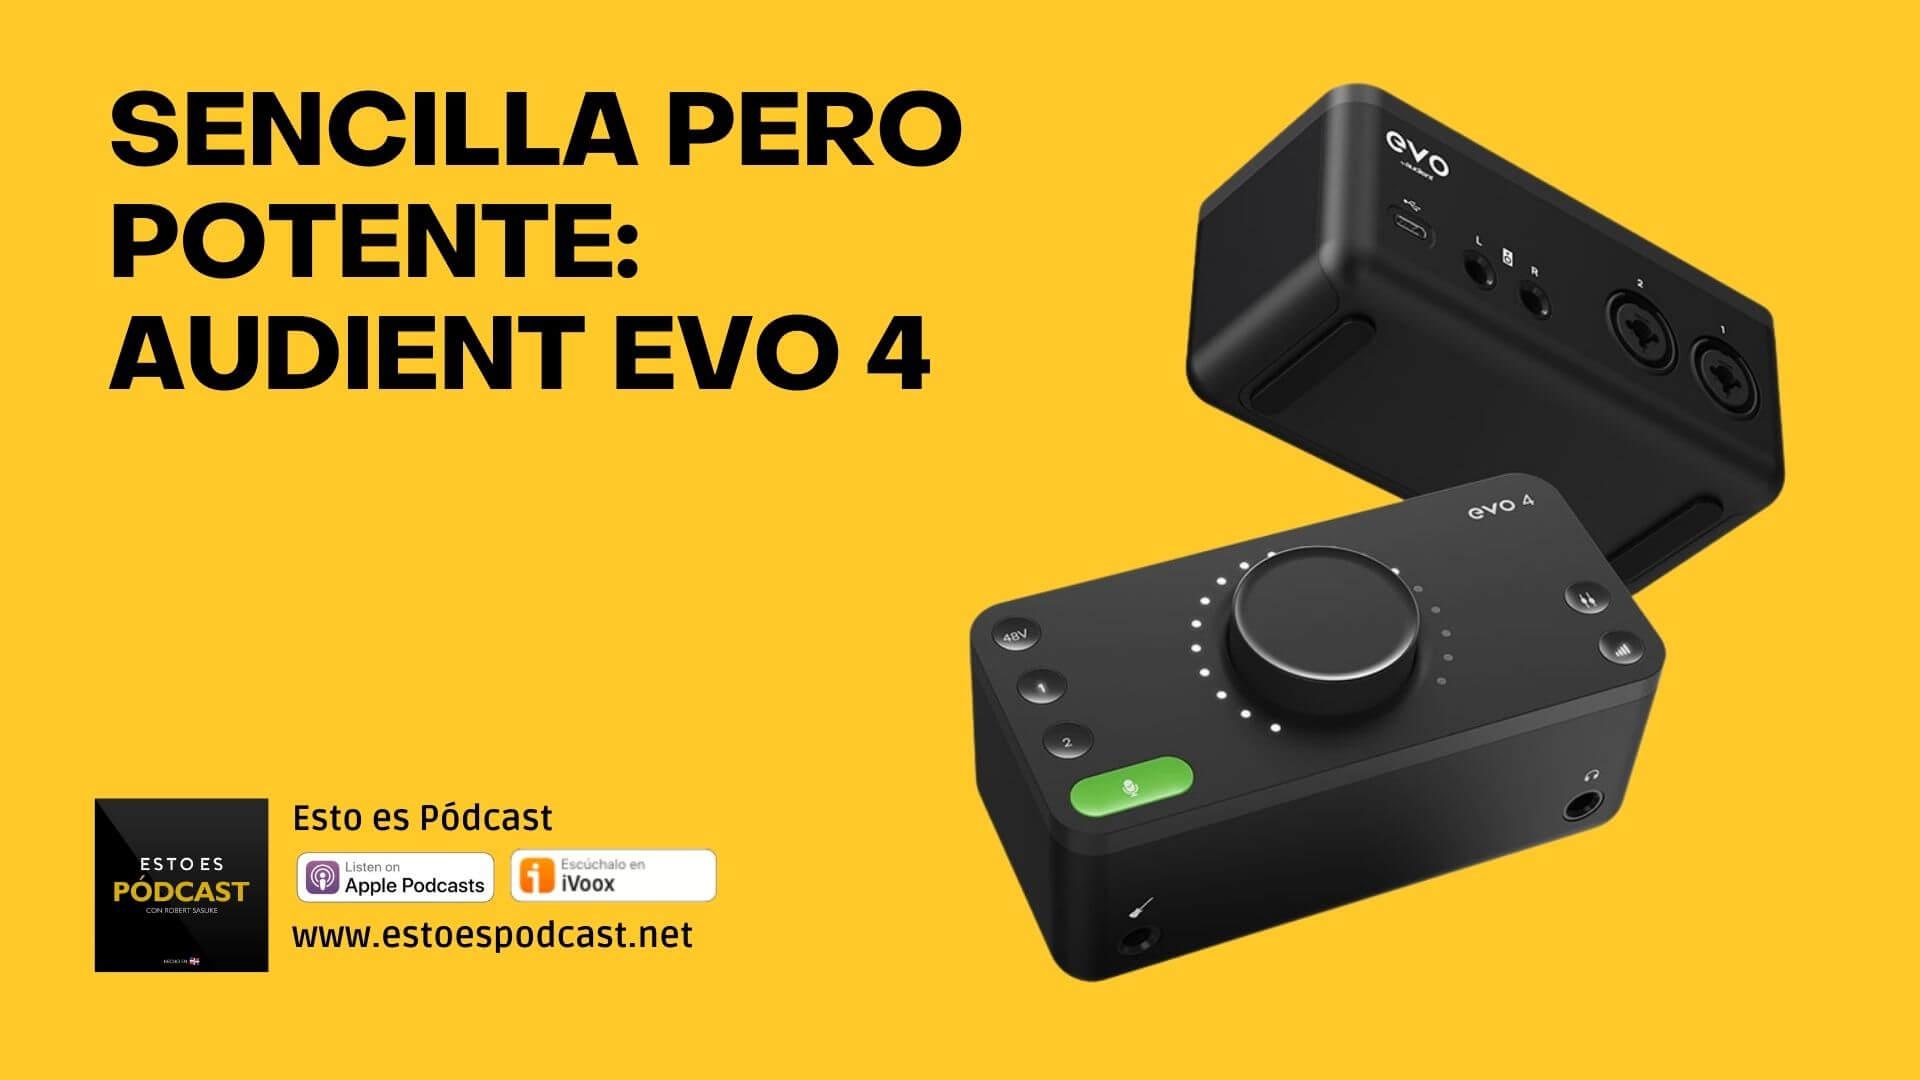 Interface USB Sencilla pero Poderosa: La Audient Evo 4